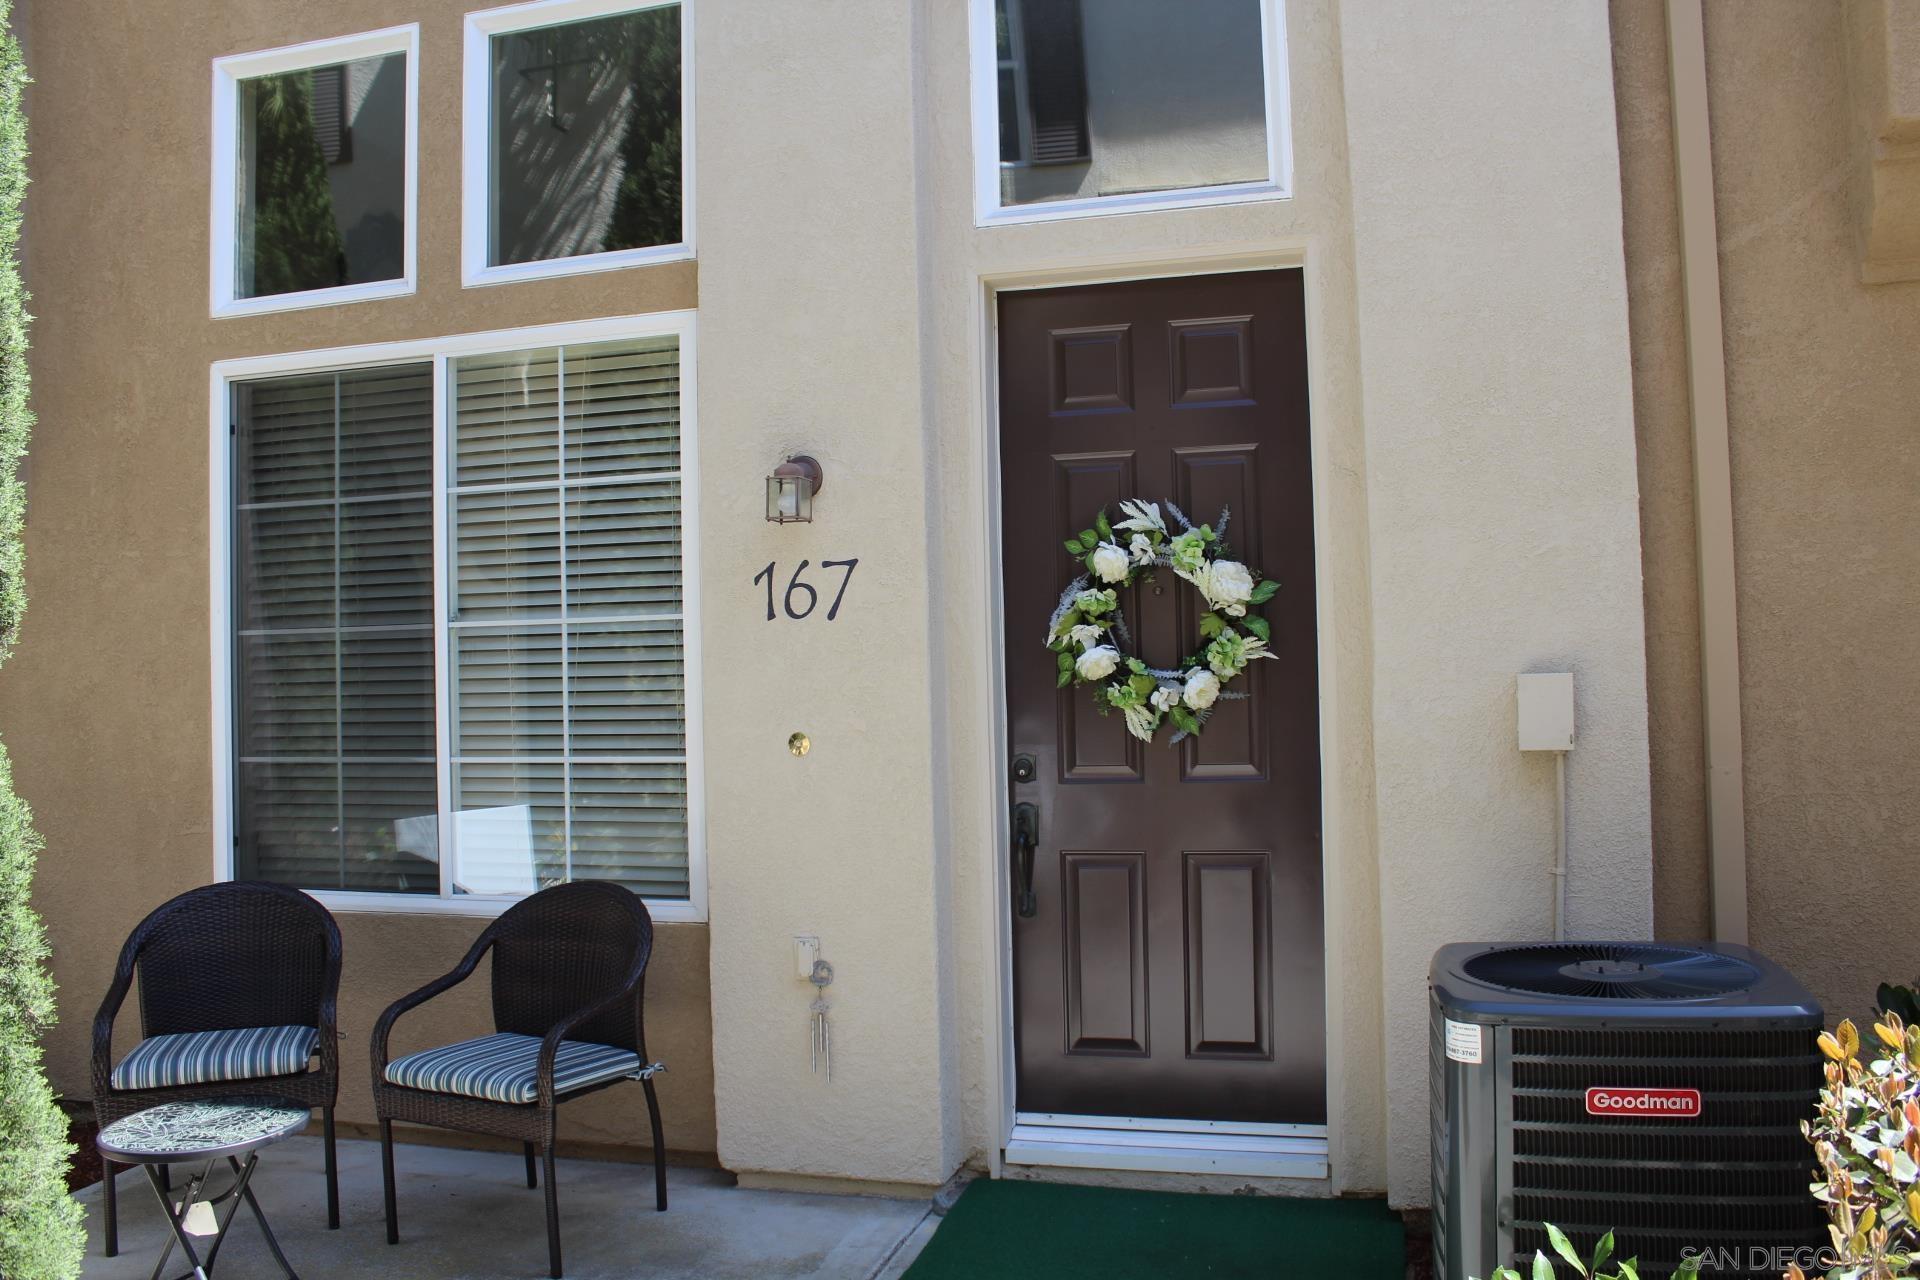 3712 Mykonos Lane Unit 167, San Diego CA 92130